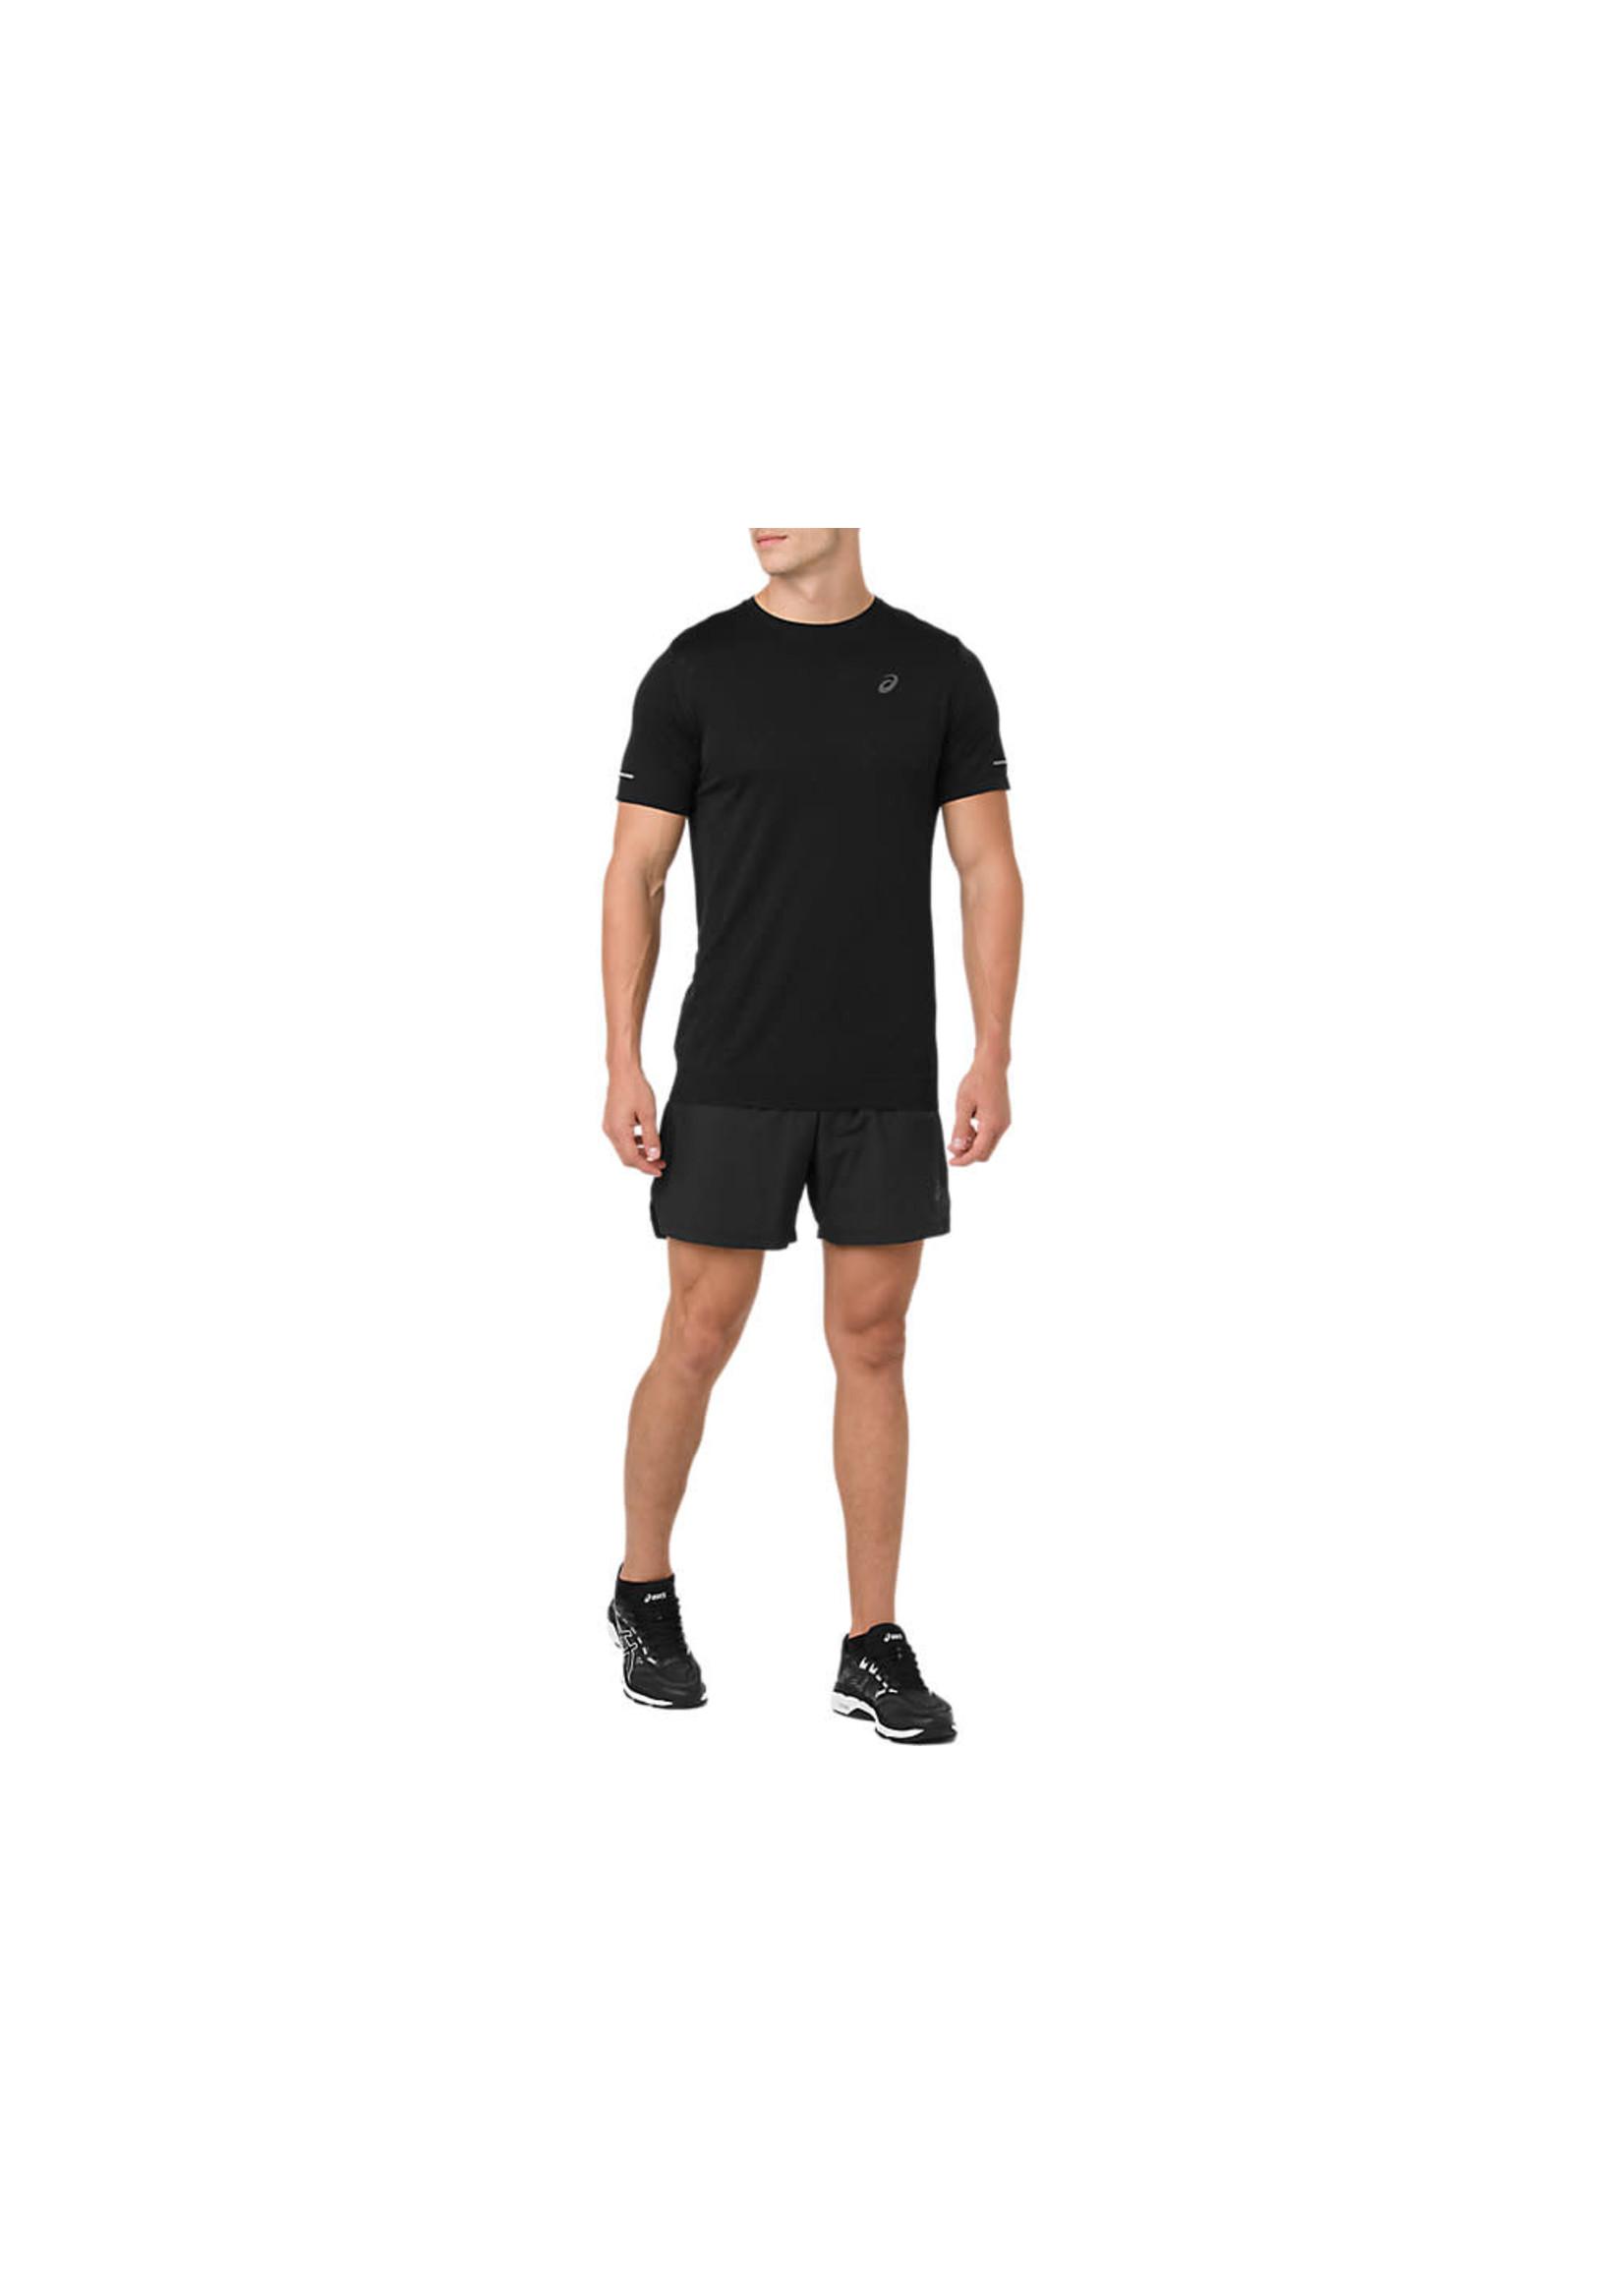 ASICS Short Cool 2 en 1 - 5 pouces / XLarge / Noir